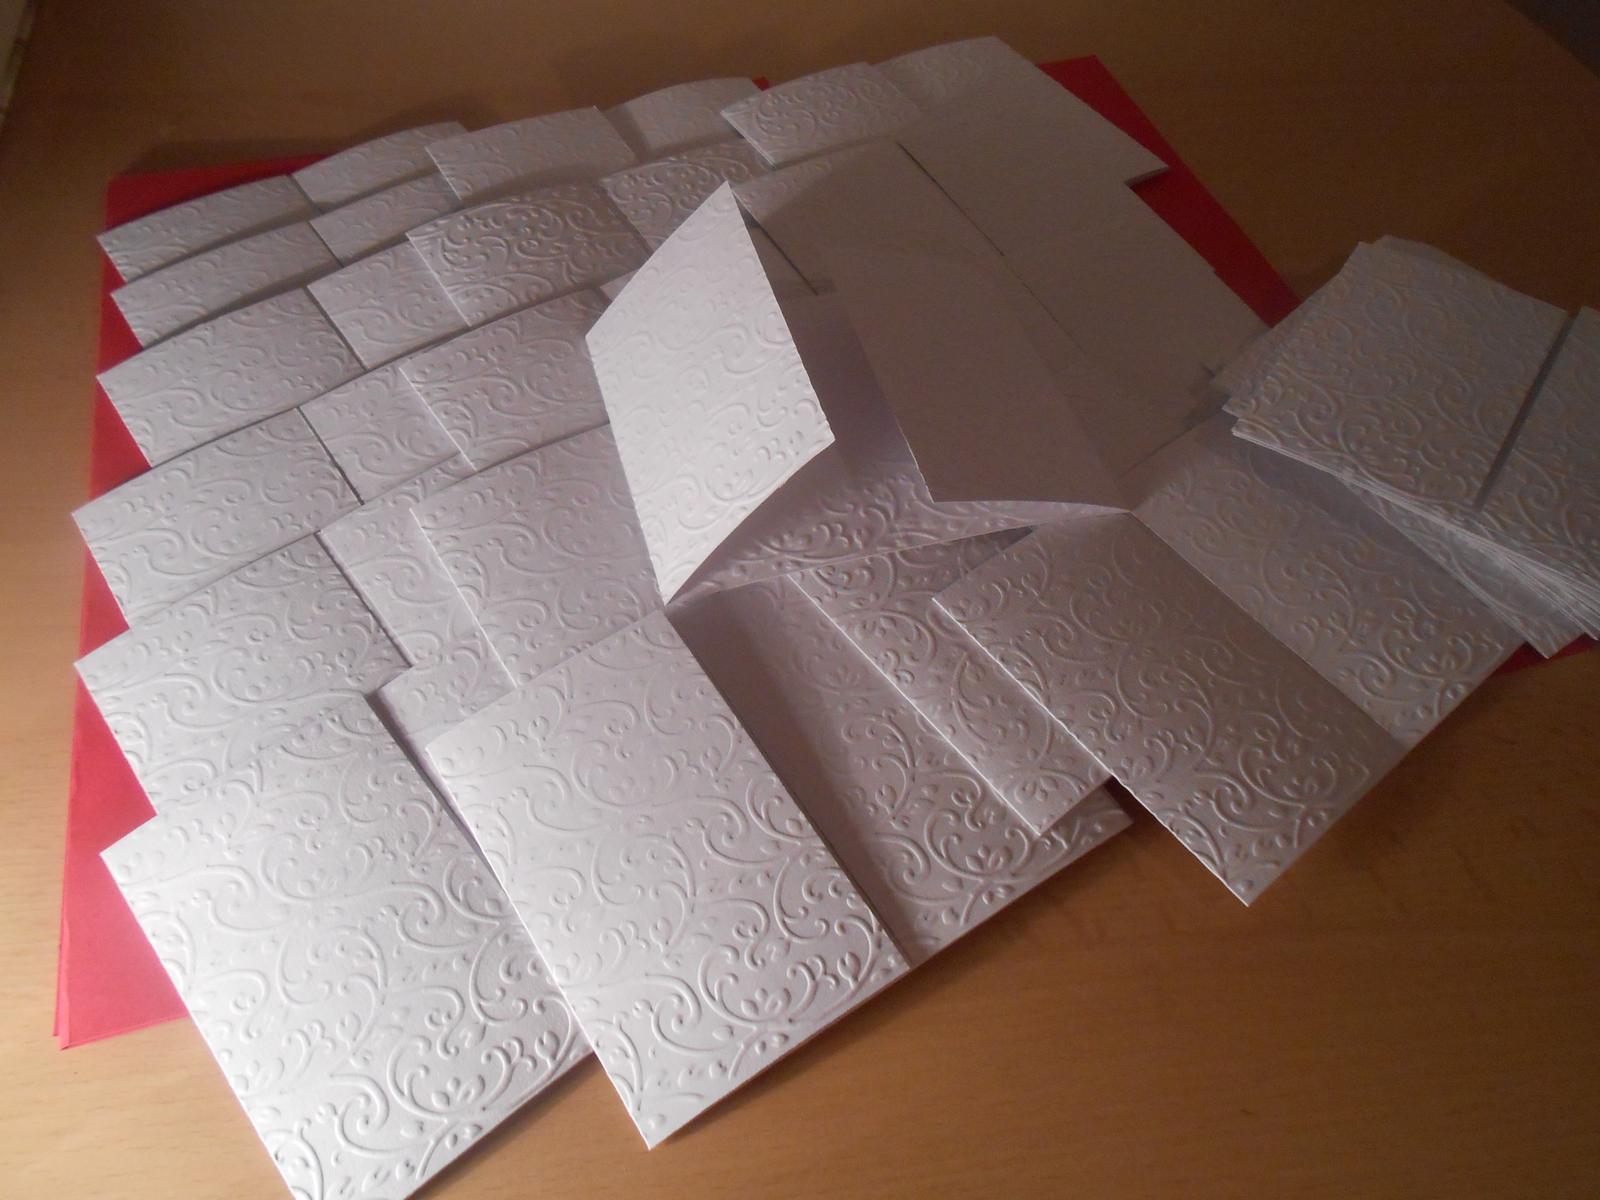 Naše prípravy - papier na vyrobu oznameni uz mam :)